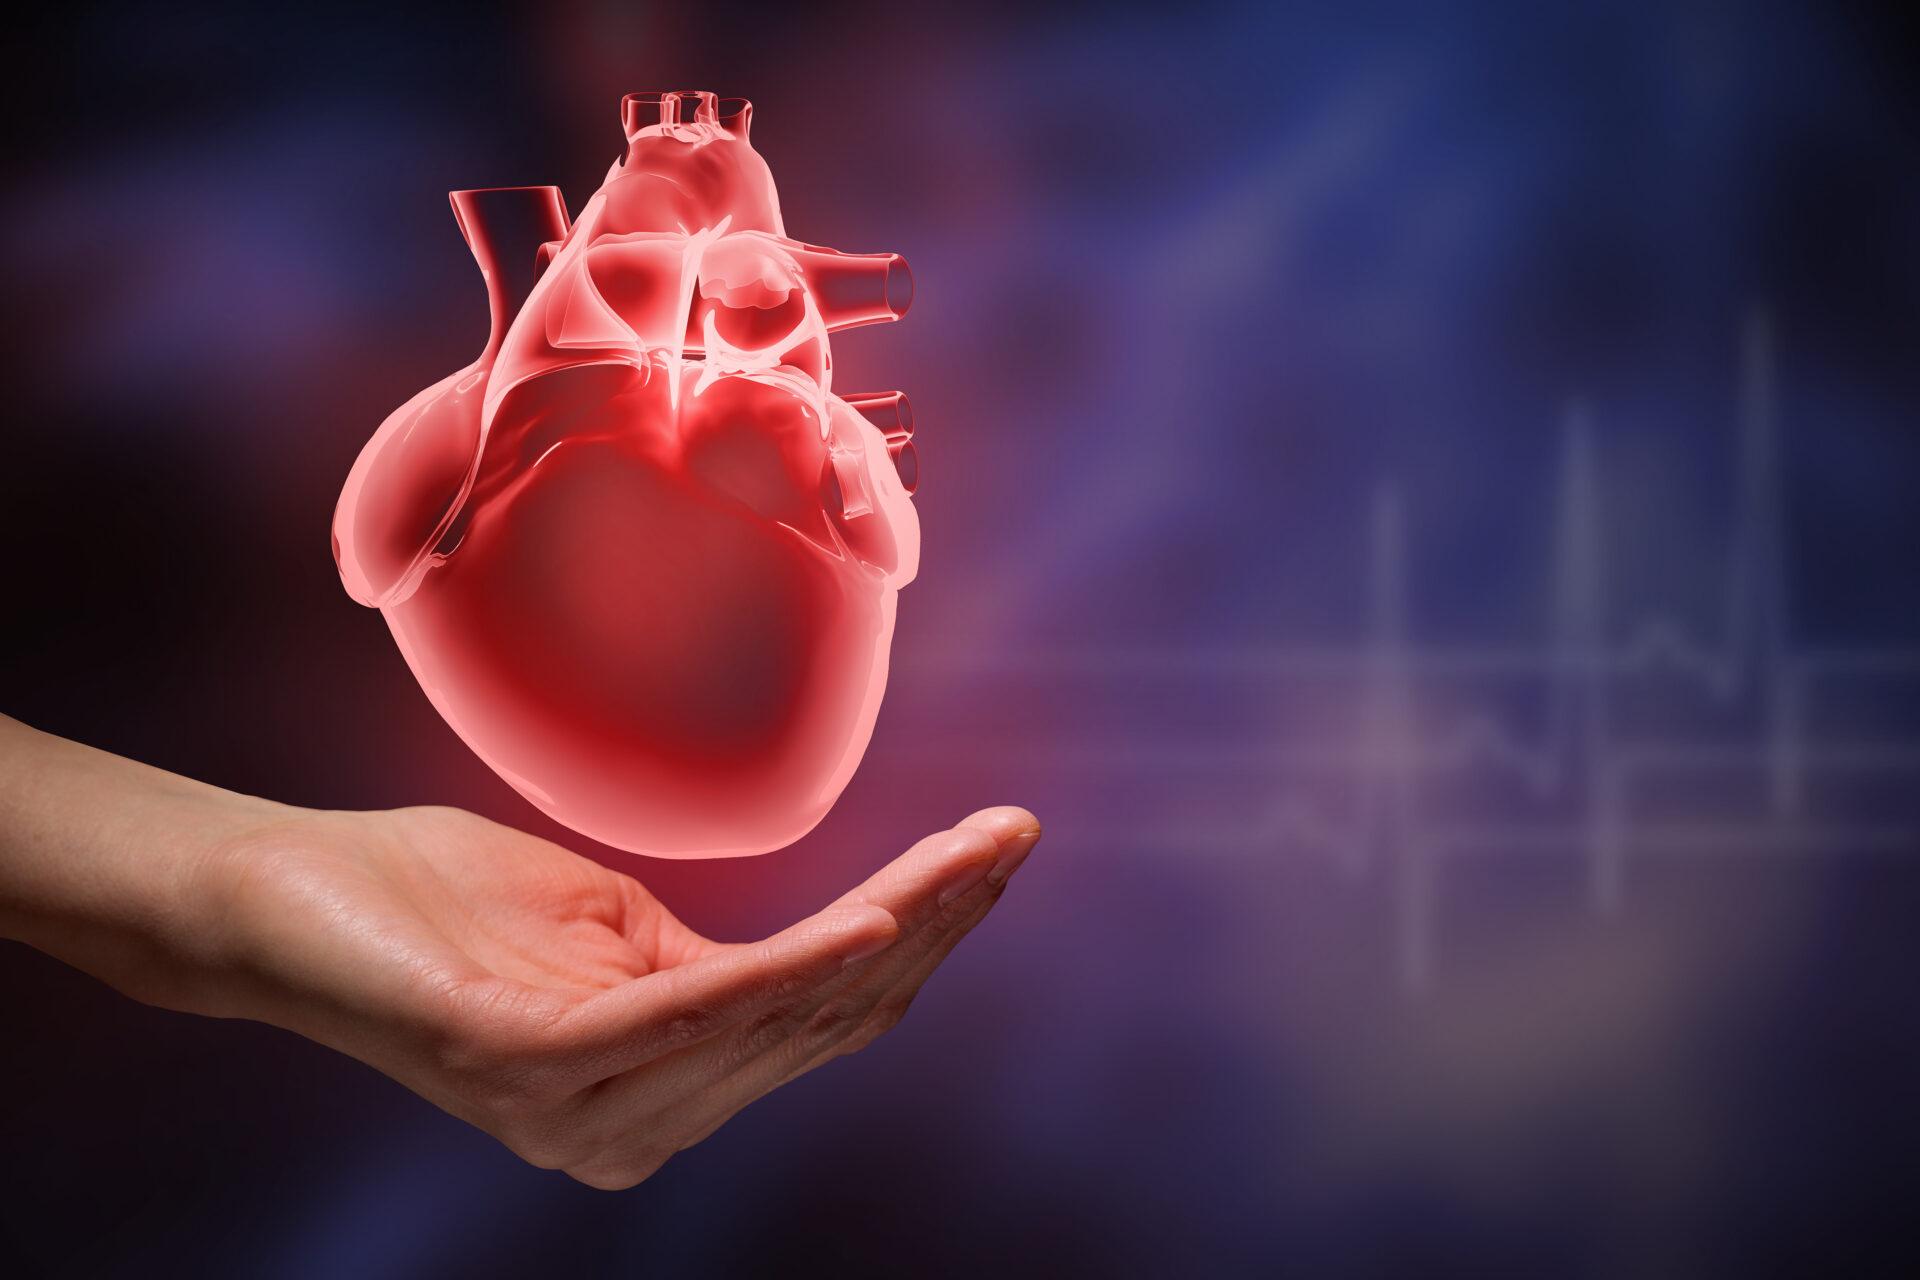 Эндокринолог Павлова сообщила, как улучшить здоровье сердца за 10 минут